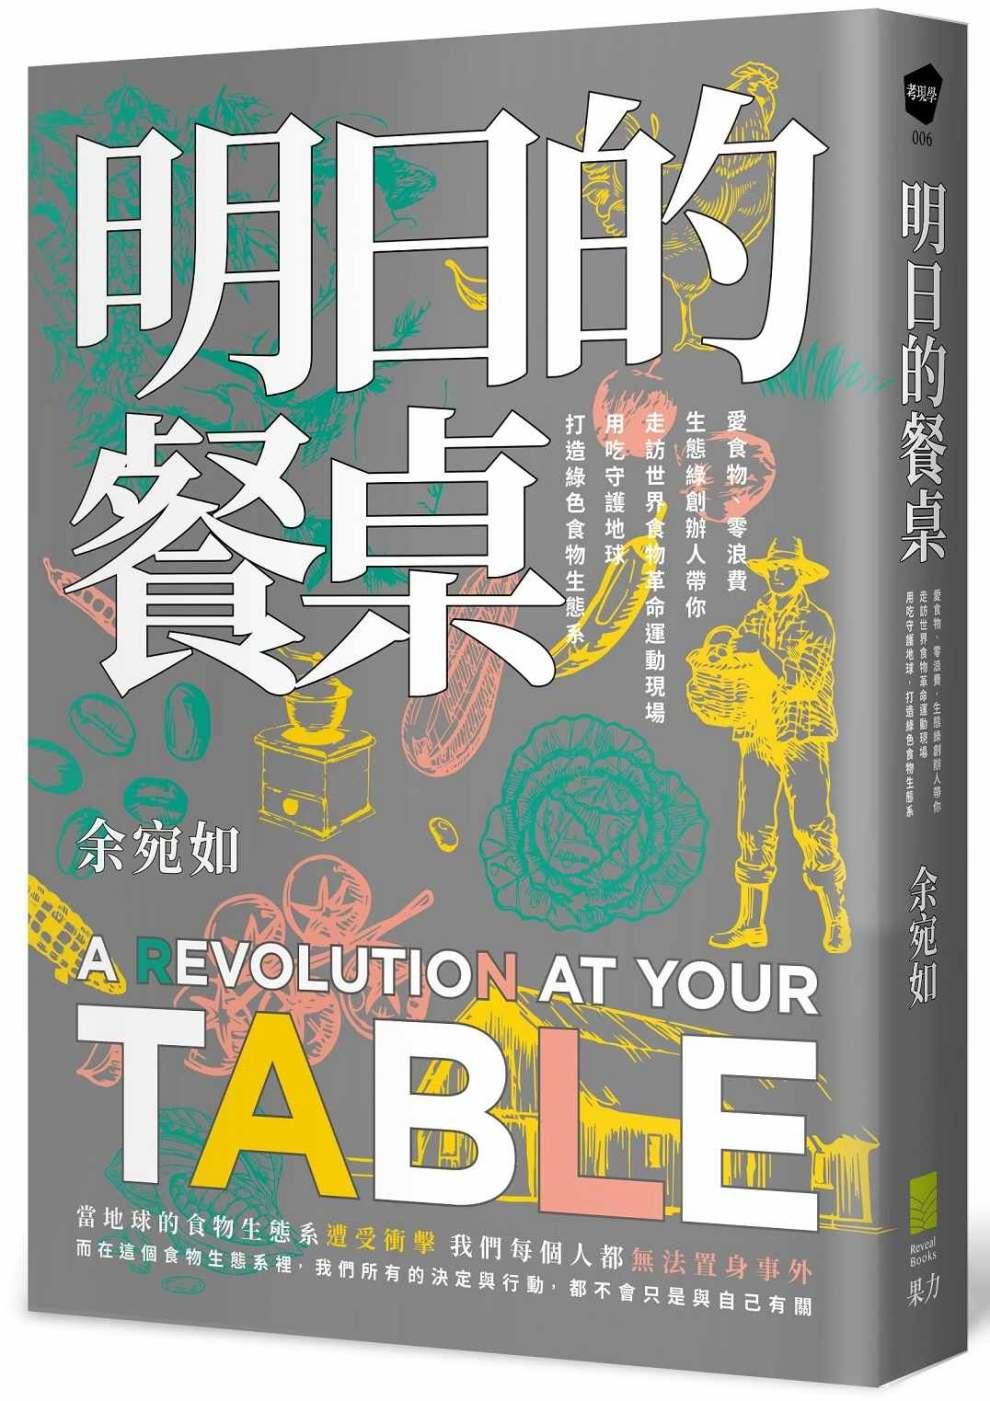 明日的餐桌:愛食物、零浪費,生態綠創辦人帶你走訪世界食物革命運動現場,用吃守護地球,打造綠色食物生態系【暢銷增修版】